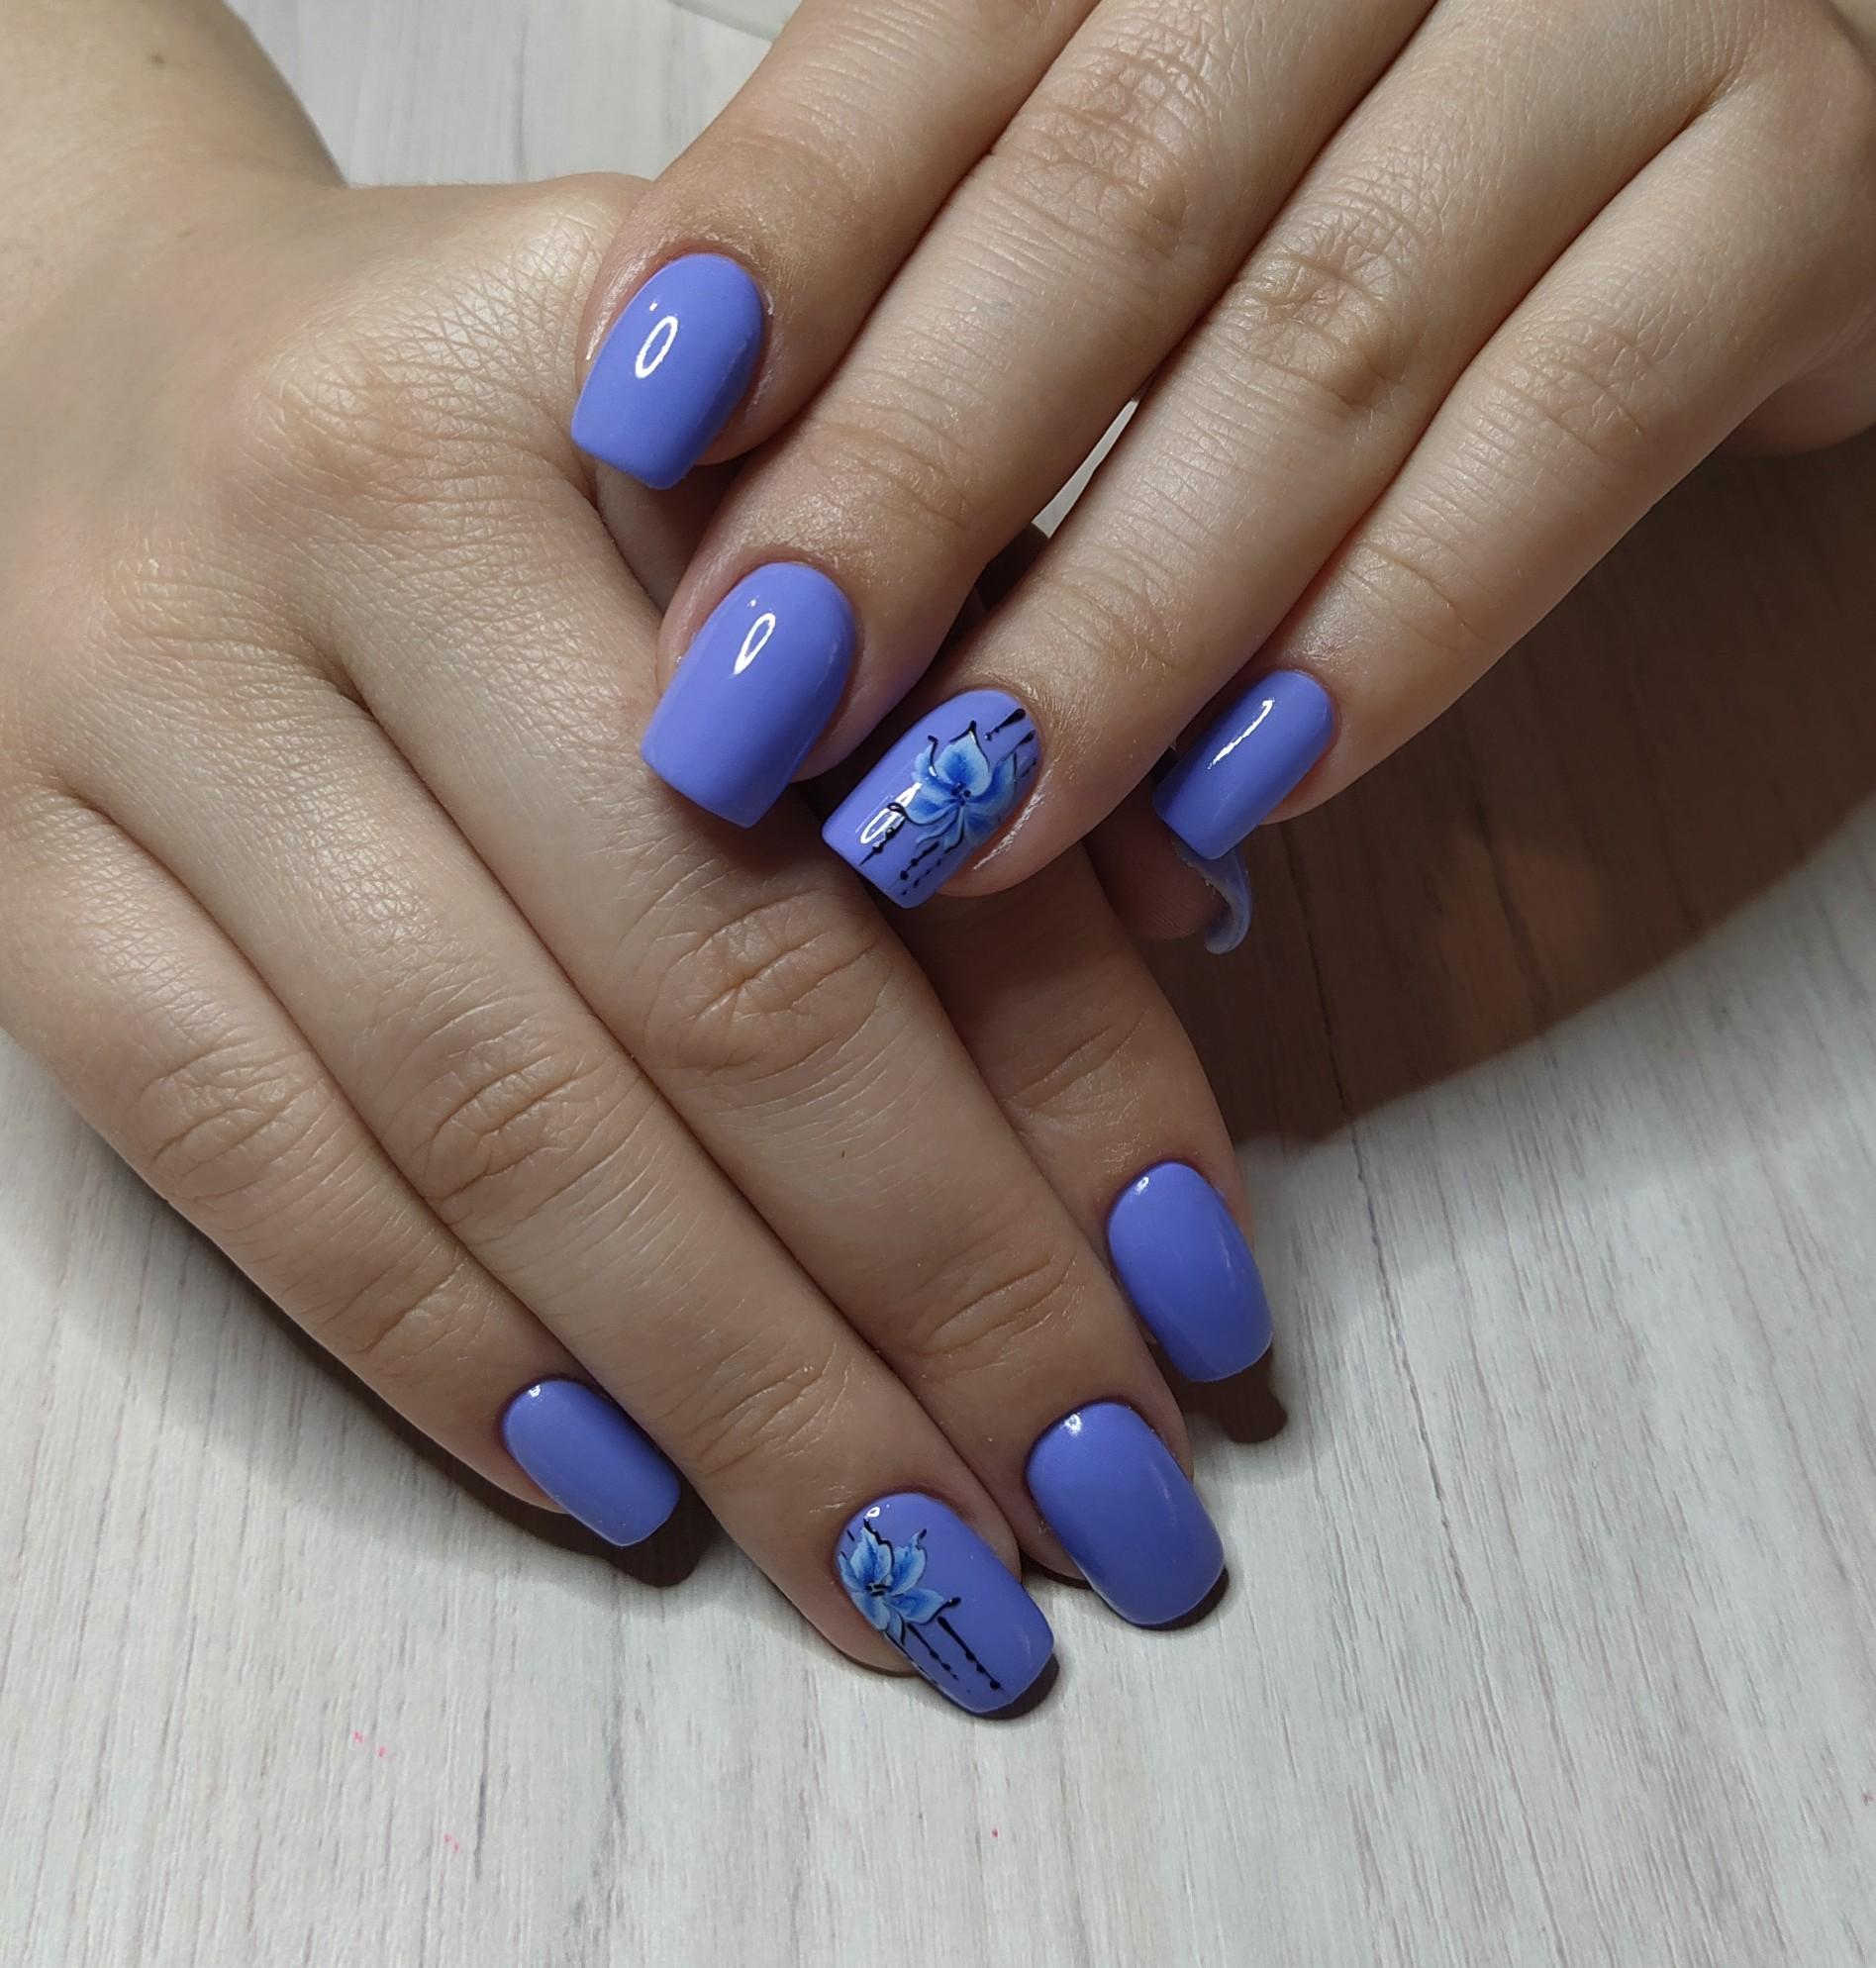 Маникюр с цветочным рисунком в синем цвете на короткие ногти.